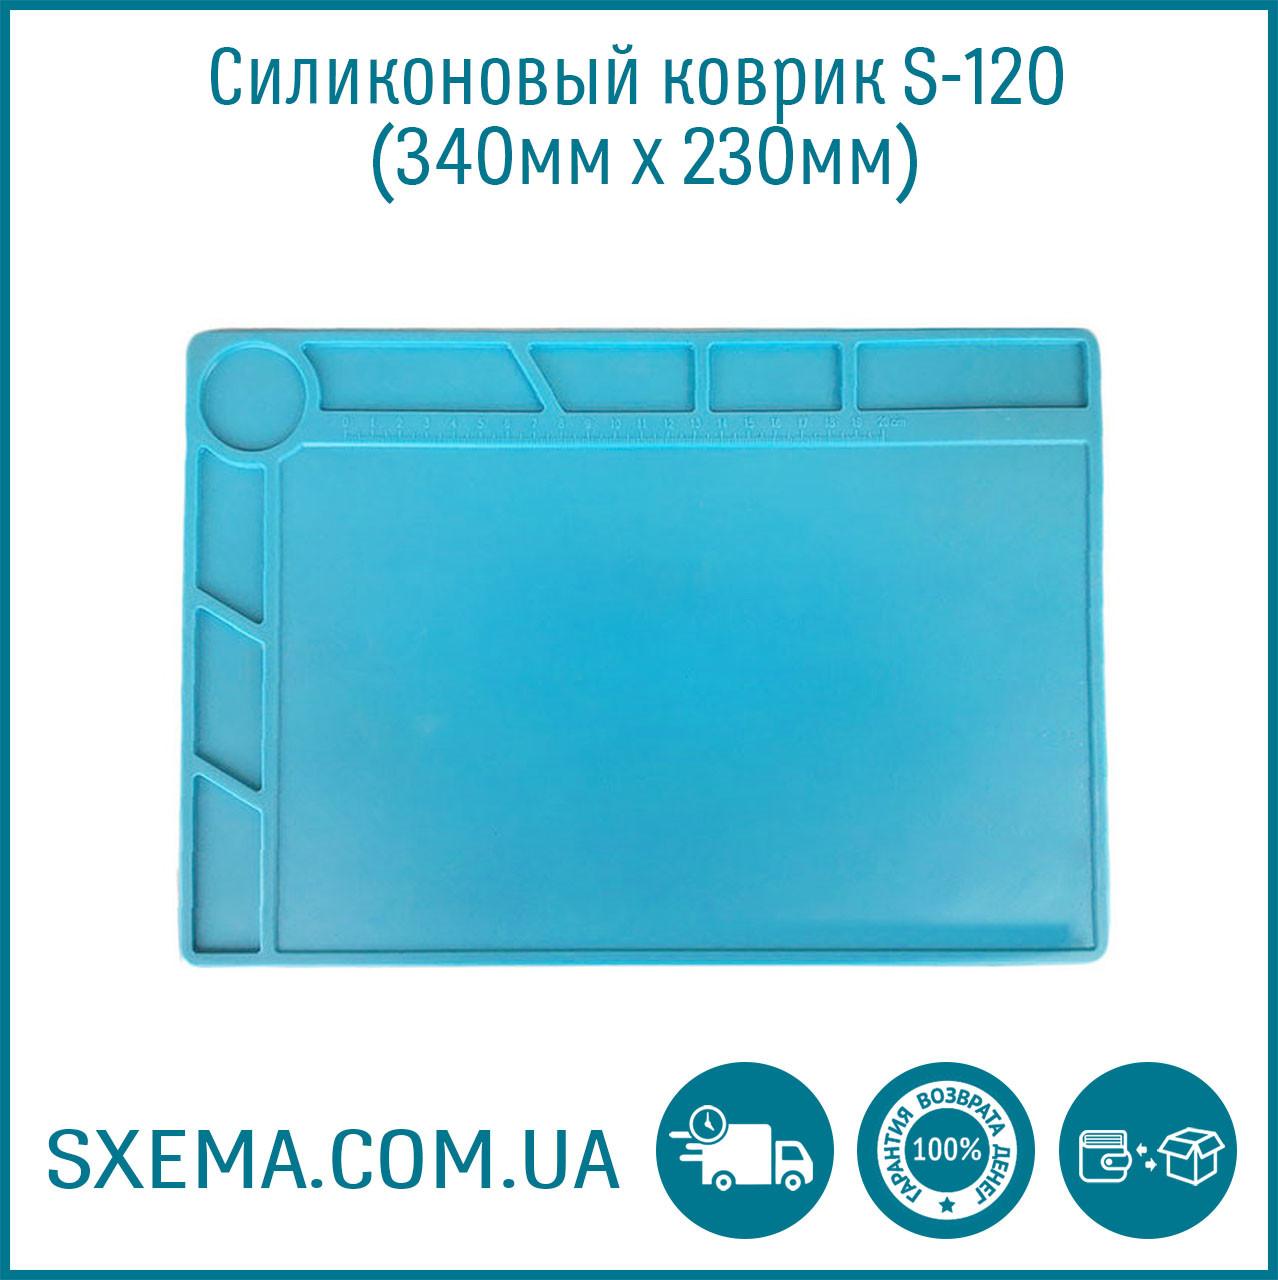 Коврик для пайки силиконовый термоковрик S-120 340мм x 230мм мат для разборки и пайки электроники